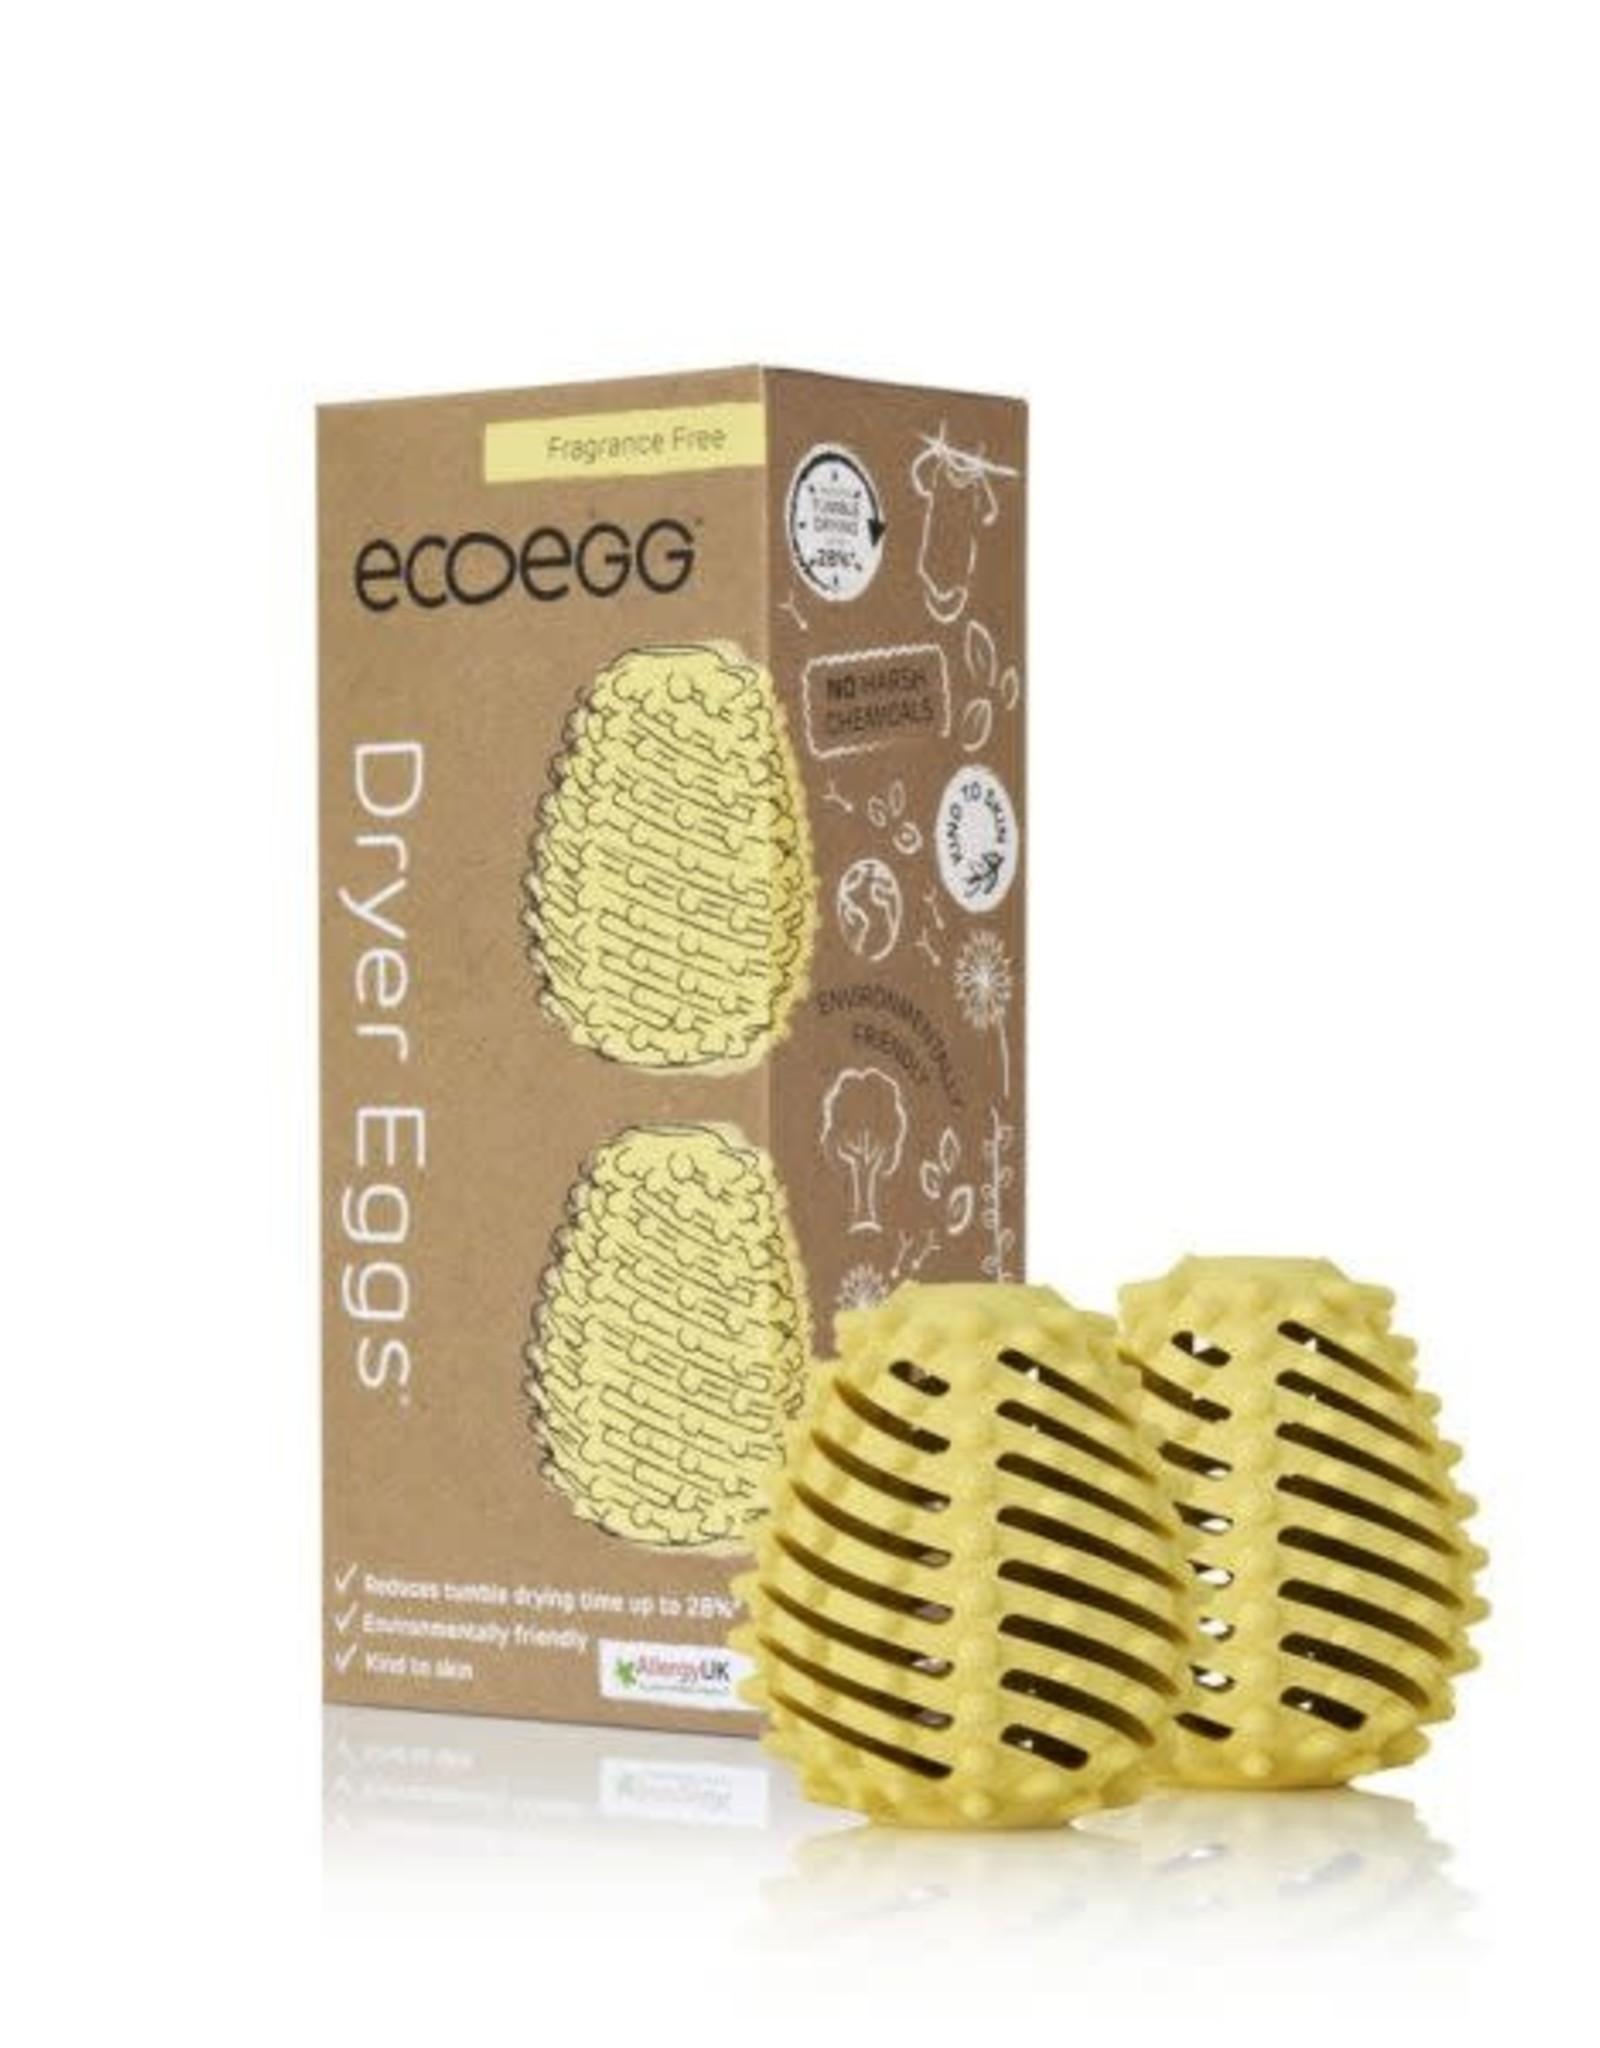 Ecoegg ecoegg Dryer Eggs: egg shaped dryer balls fragrance free